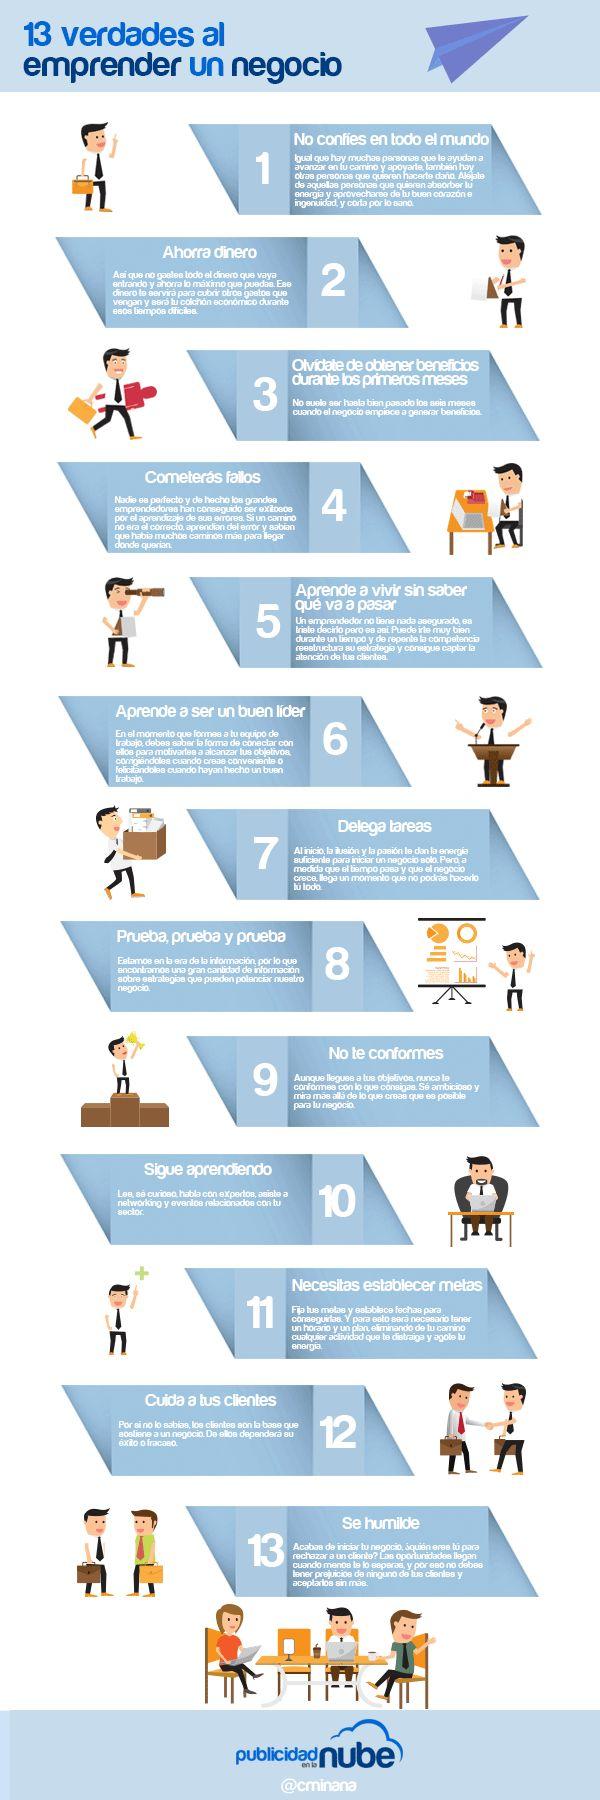 13 verdades al emprender un negocio.    #infografias #emprendedores